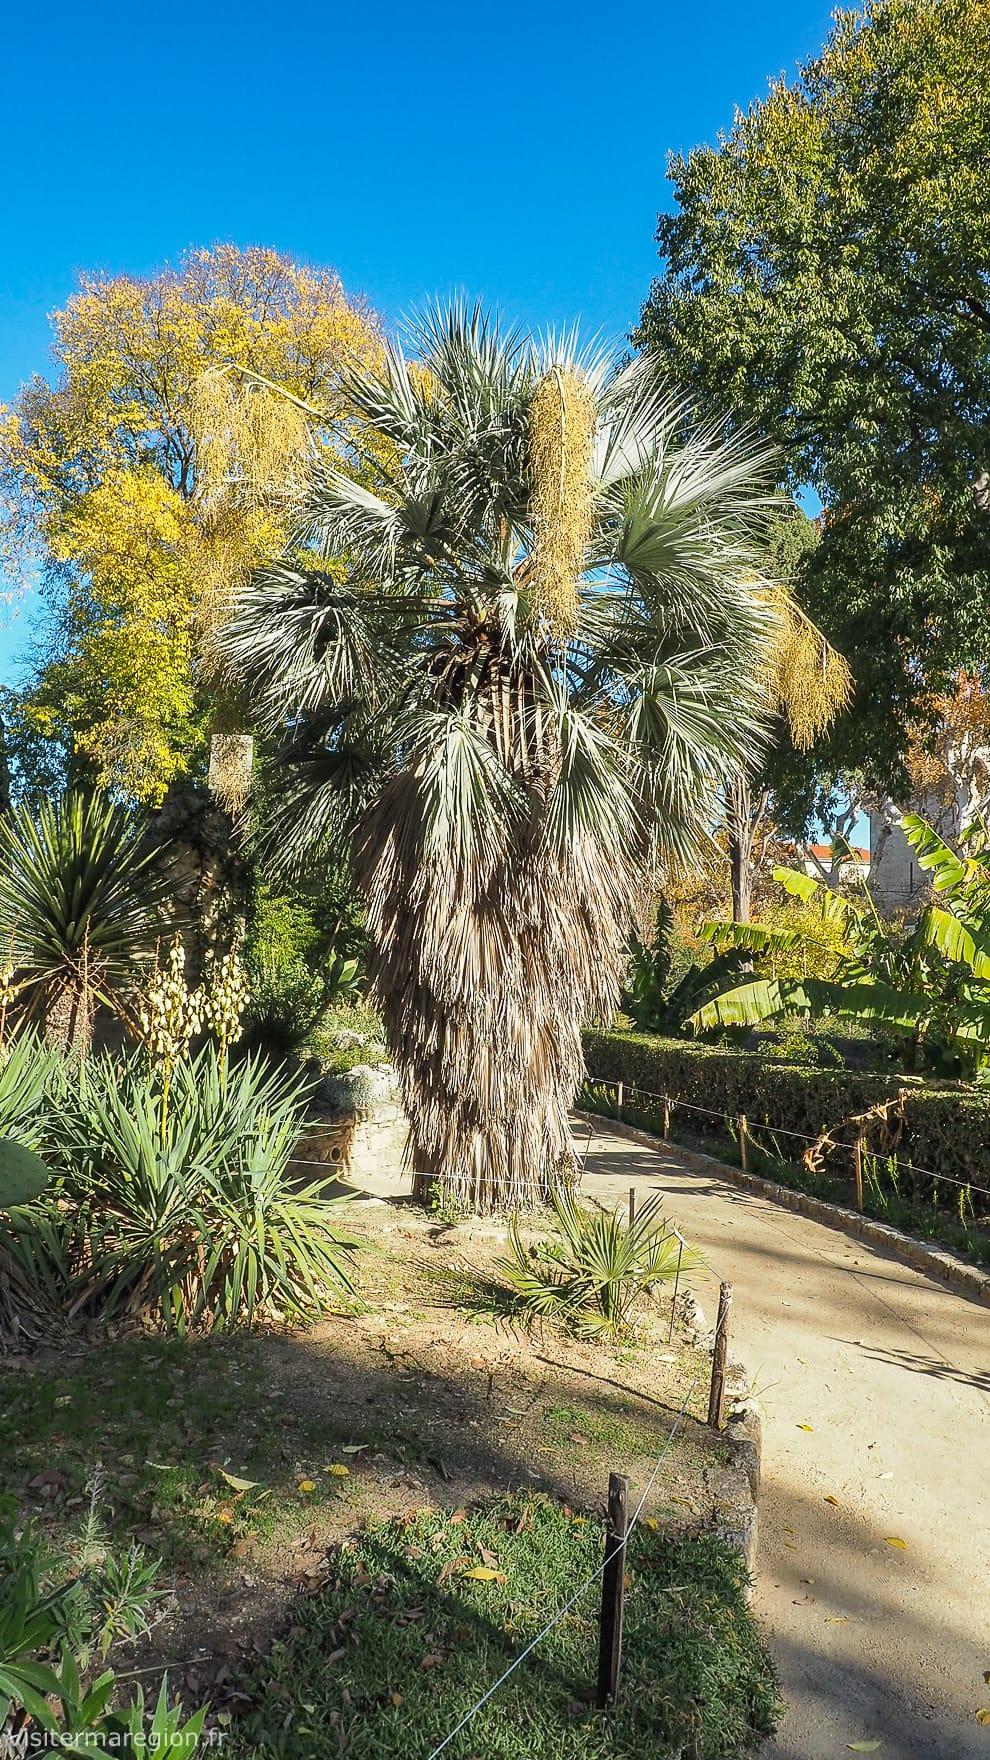 Jardin des plantes botanique de montpellier horaires - Le jardin des plantes montpellier ...